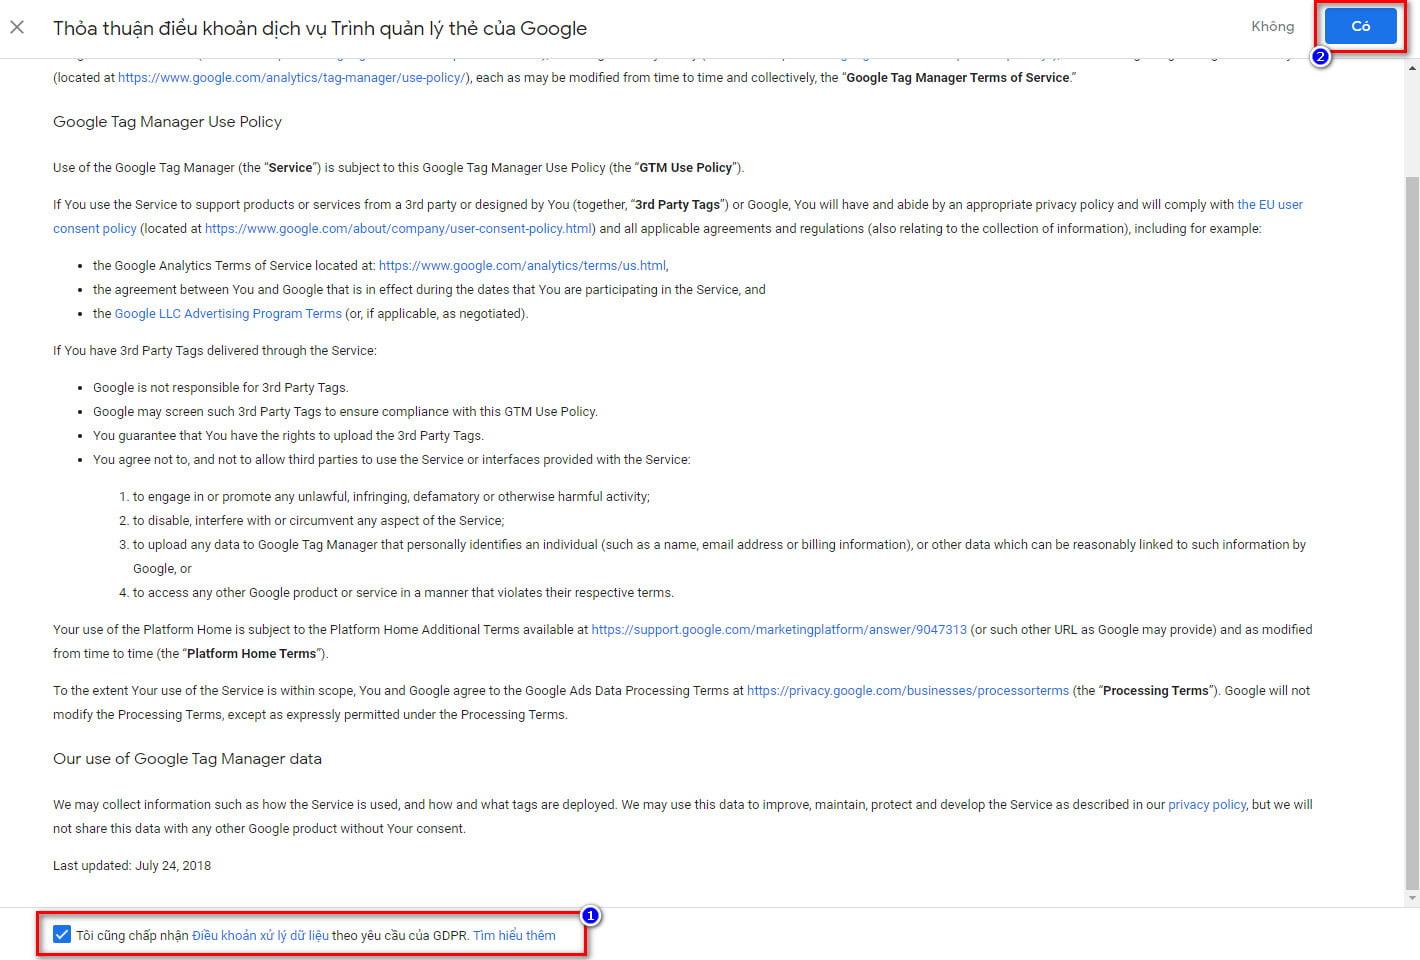 Điều khoản sử dụng Google Tag Manager